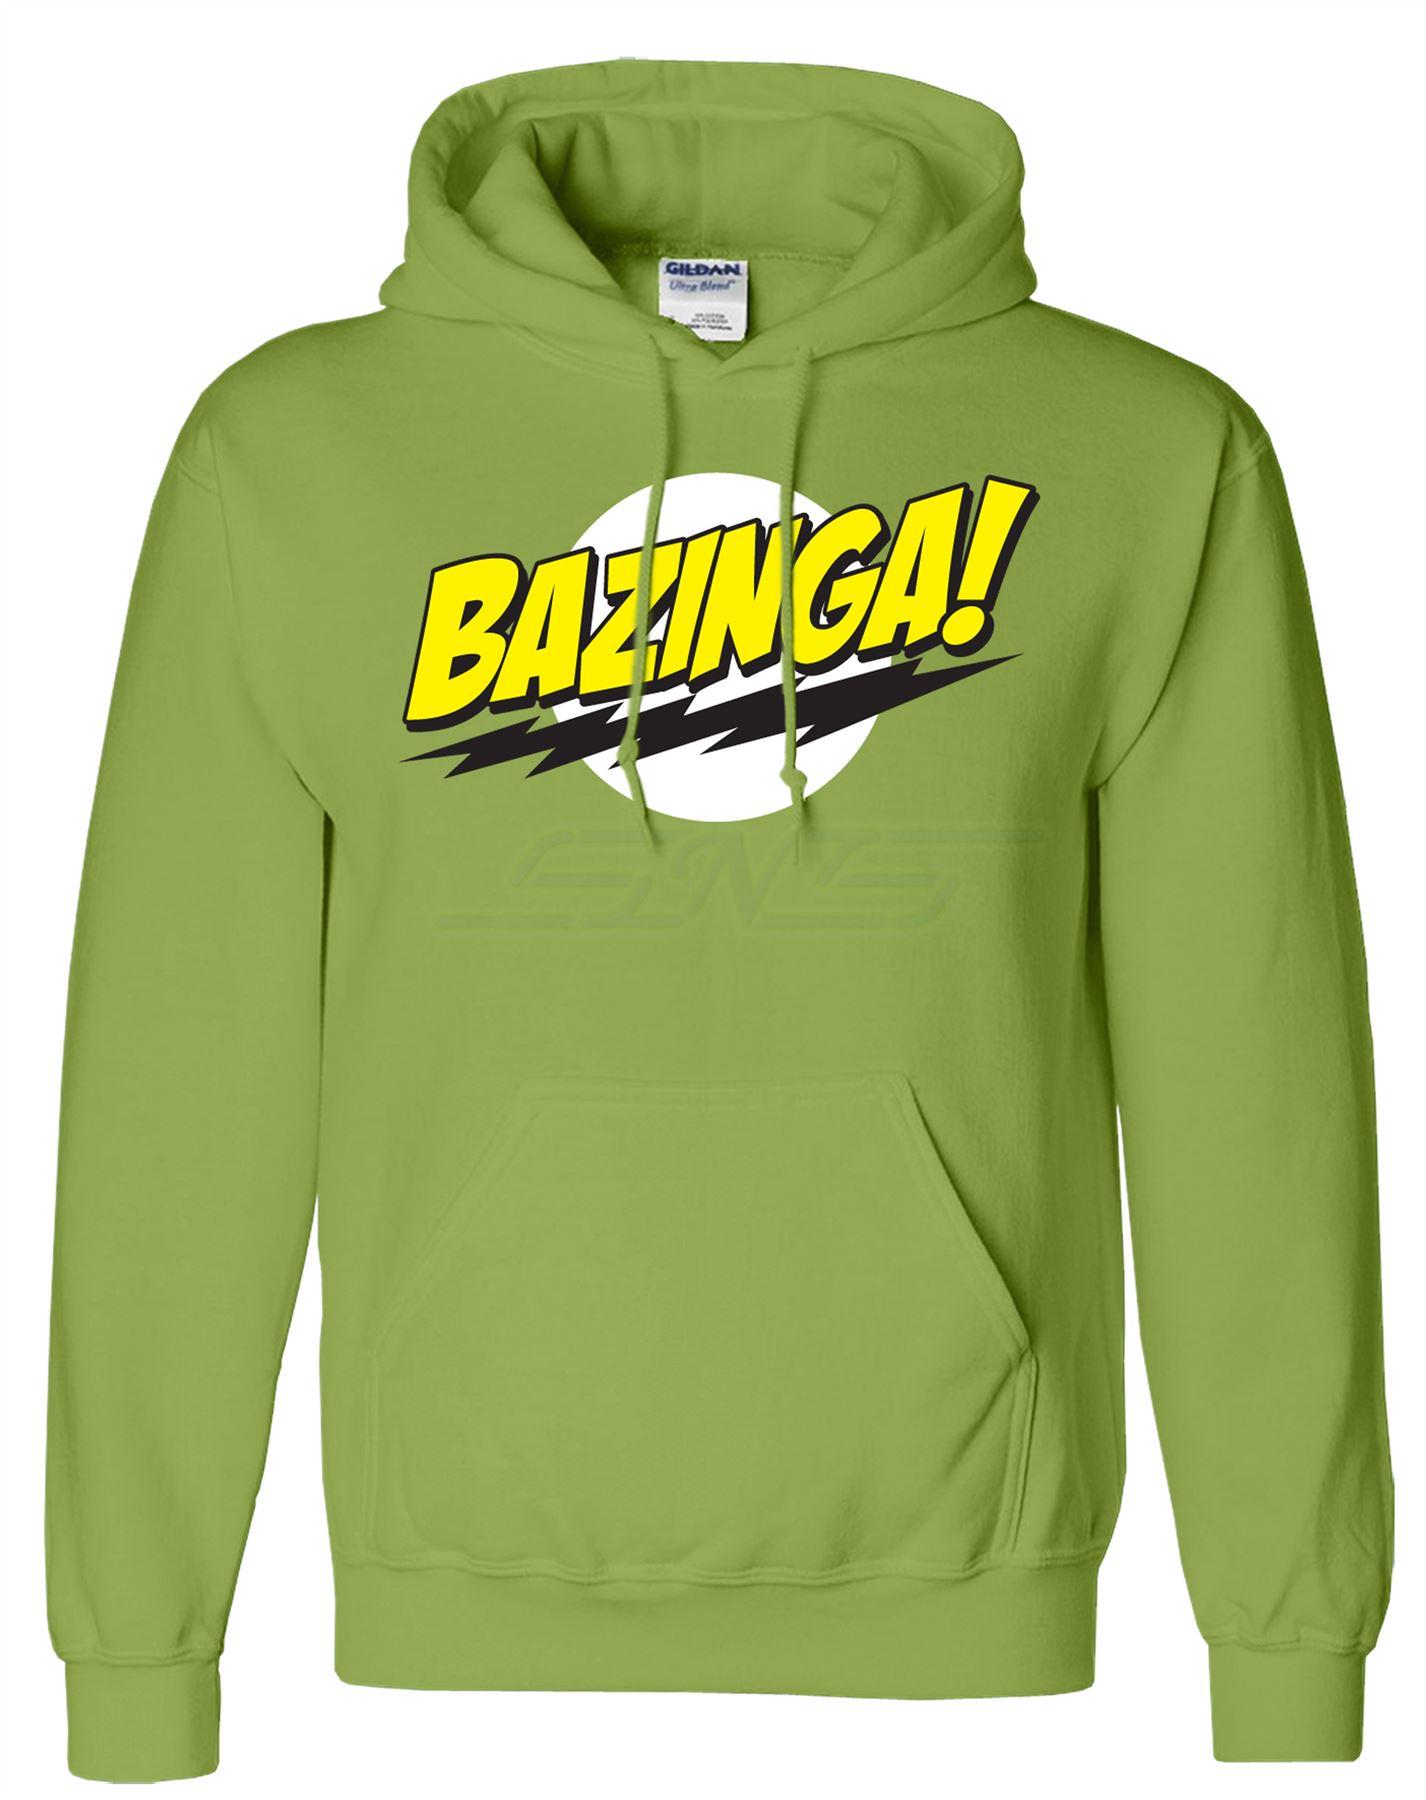 Mens-Bazinga-Hoodie-Hooded-Sweatshirt-Pullover-Sweat-Hoody-Jumper-Sports-Casual